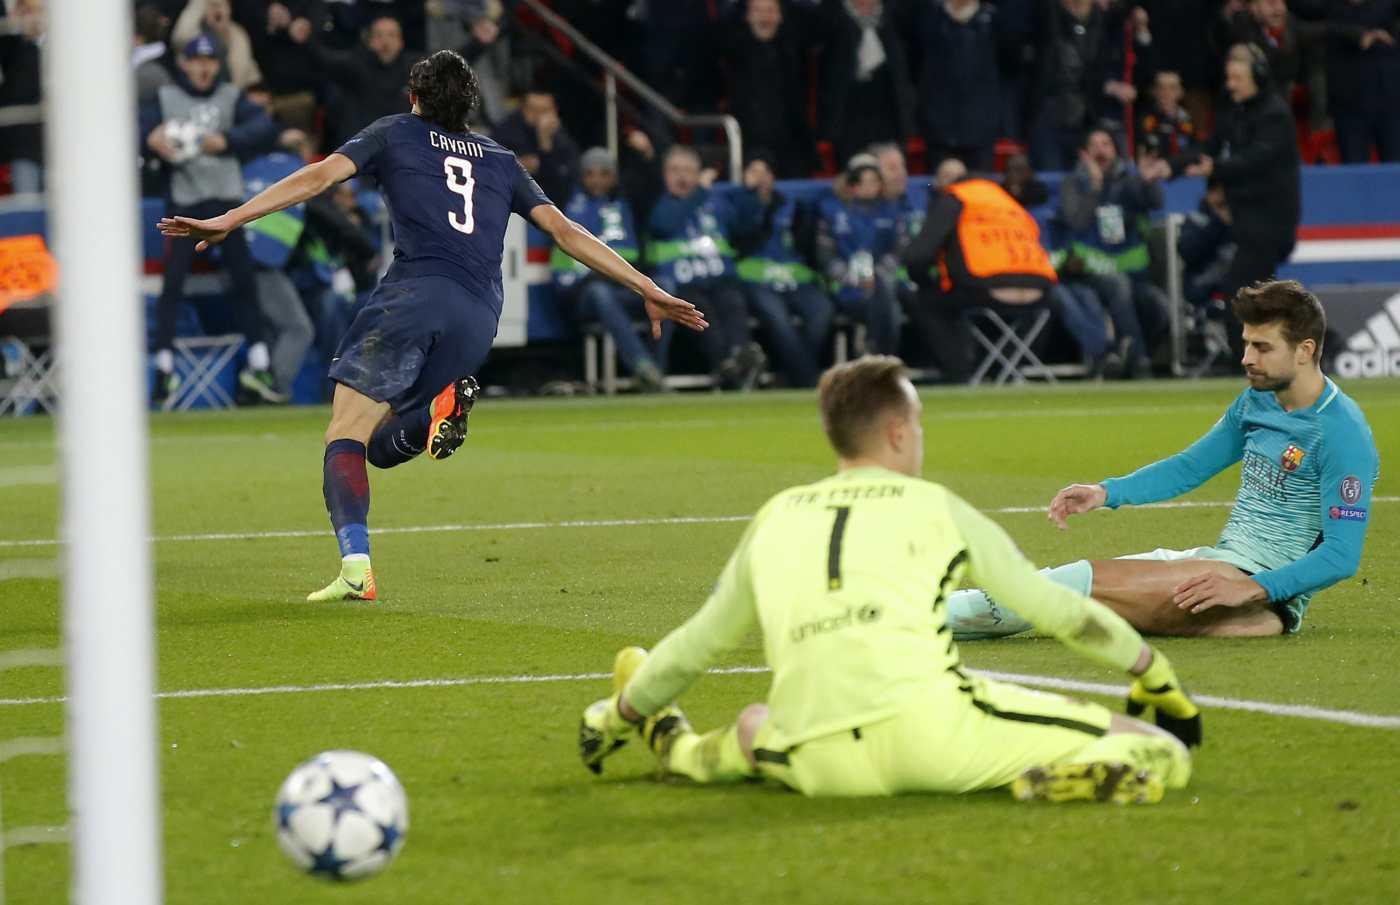 Paris Saint-Germain Edinson Cavani